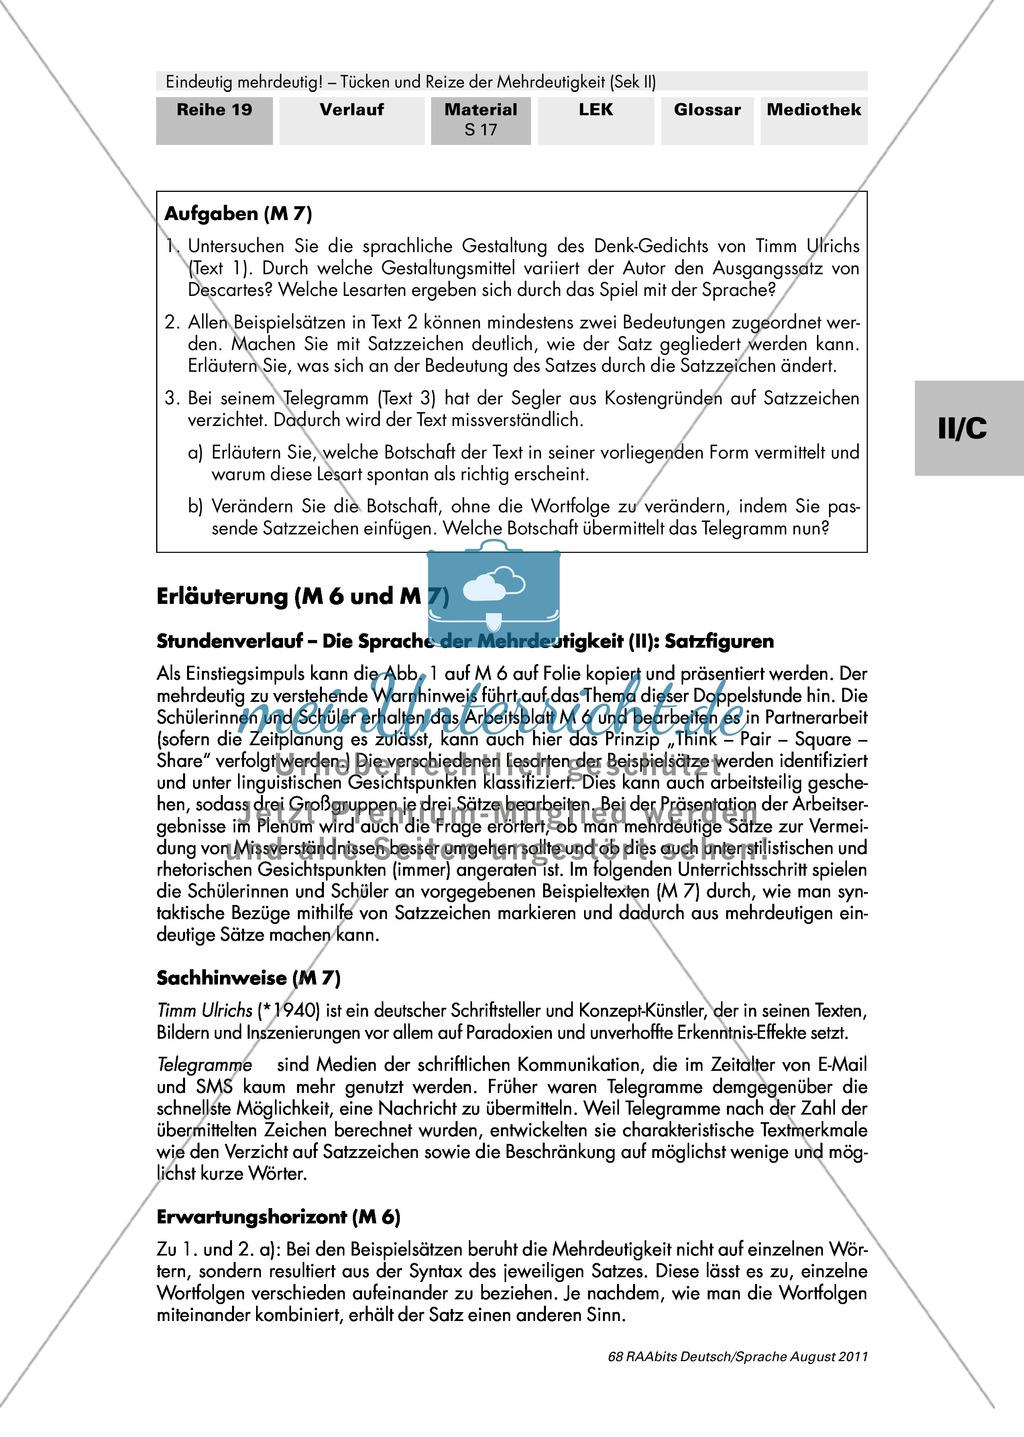 Satzverwirrung und Wortsalat - Mehrdeutige Sätze: Aufgaben + Erläuterung + Erwartungshorizont: Material einzeln Preview 2